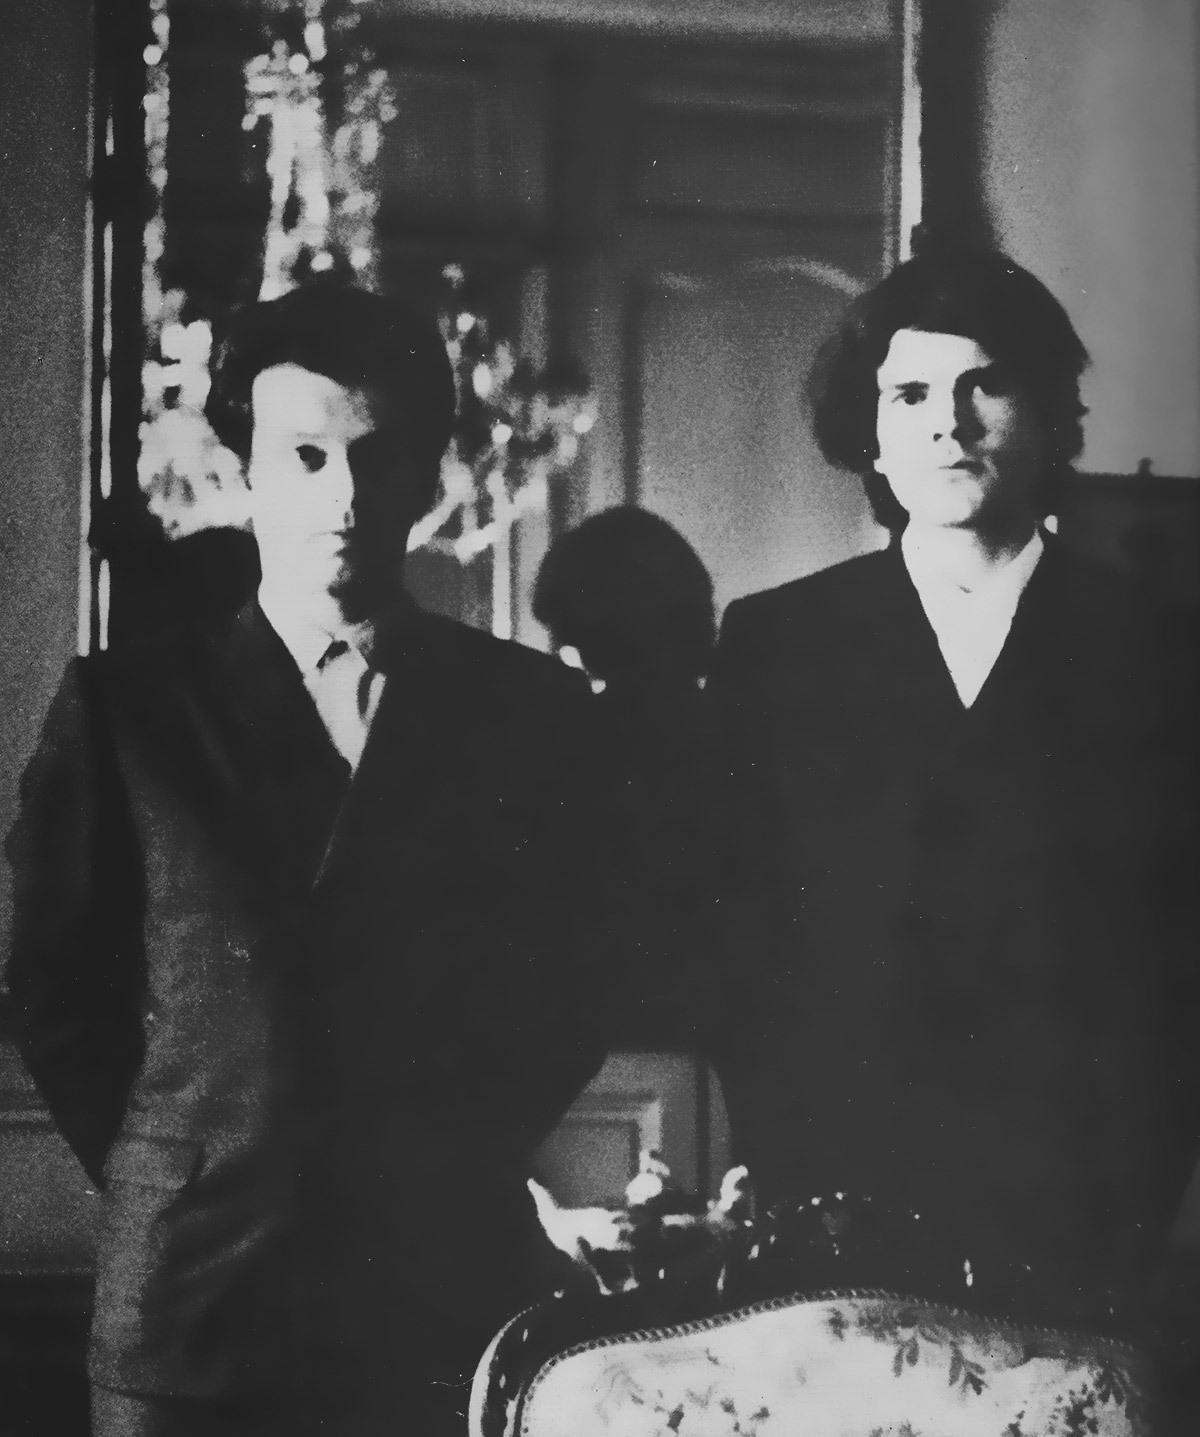 Alejandro Jodorowsky et Alain Le Yaouanc à Rouen en 1964. Photo: Catherine Harlé. © Alain Le Yaouanc